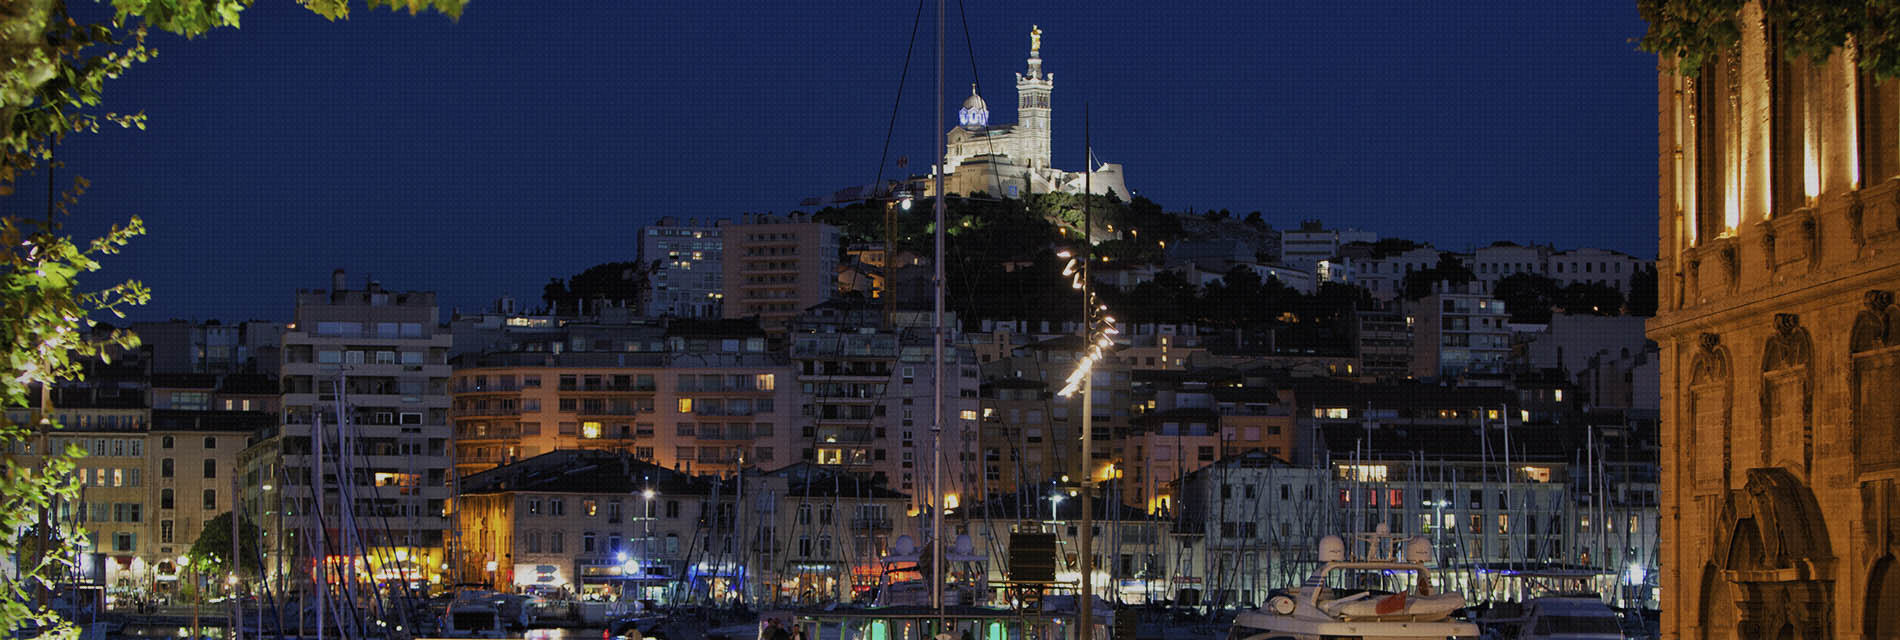 Votre chauffeur vtc à Marseille